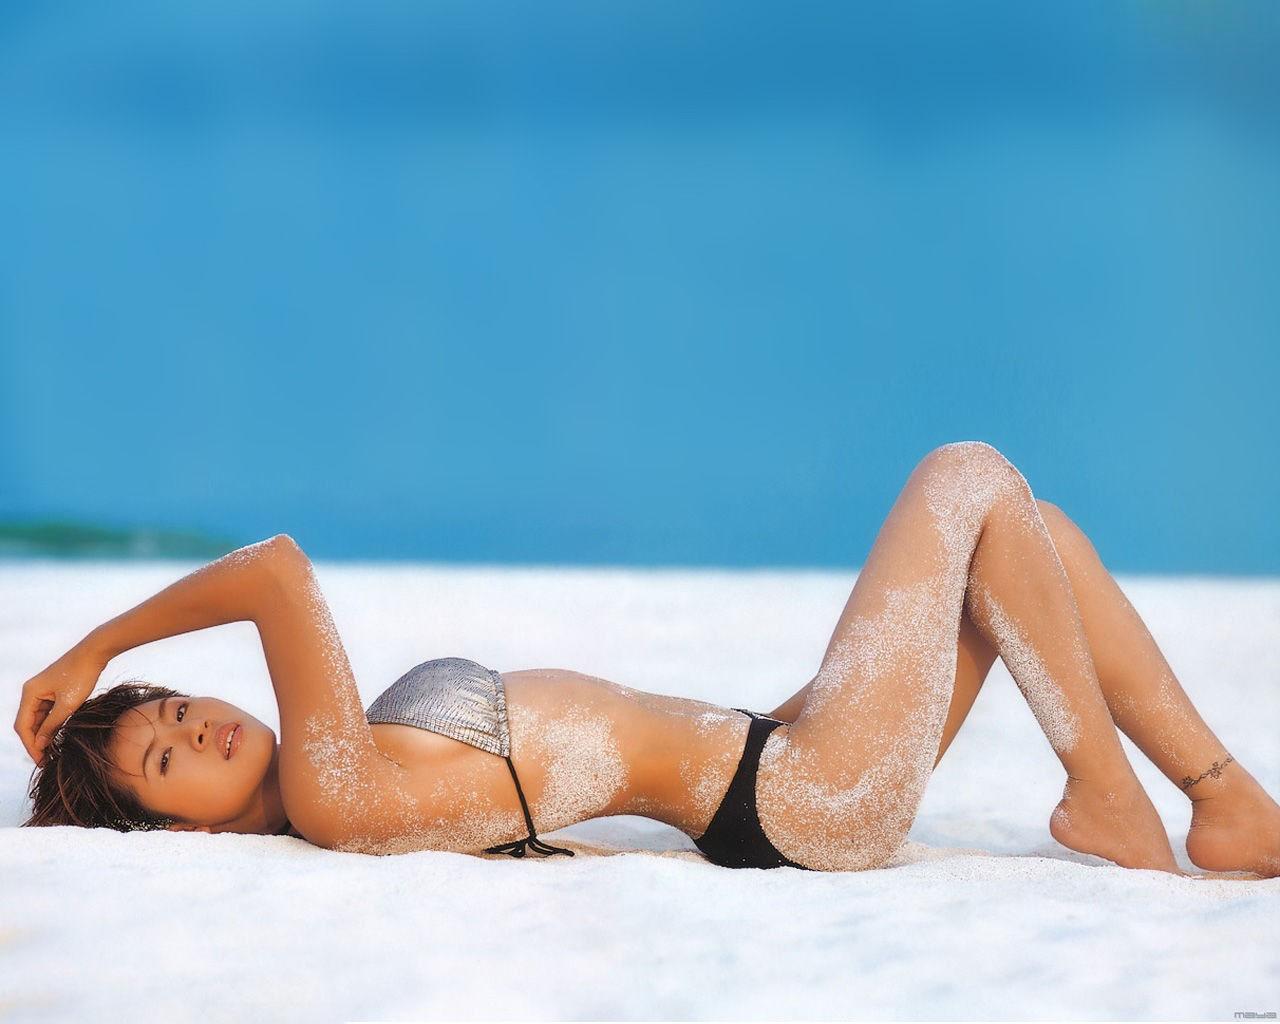 beach asian girl wallpaper, скачать фото, девушка на пляже, обои для рабочего стола, бикини